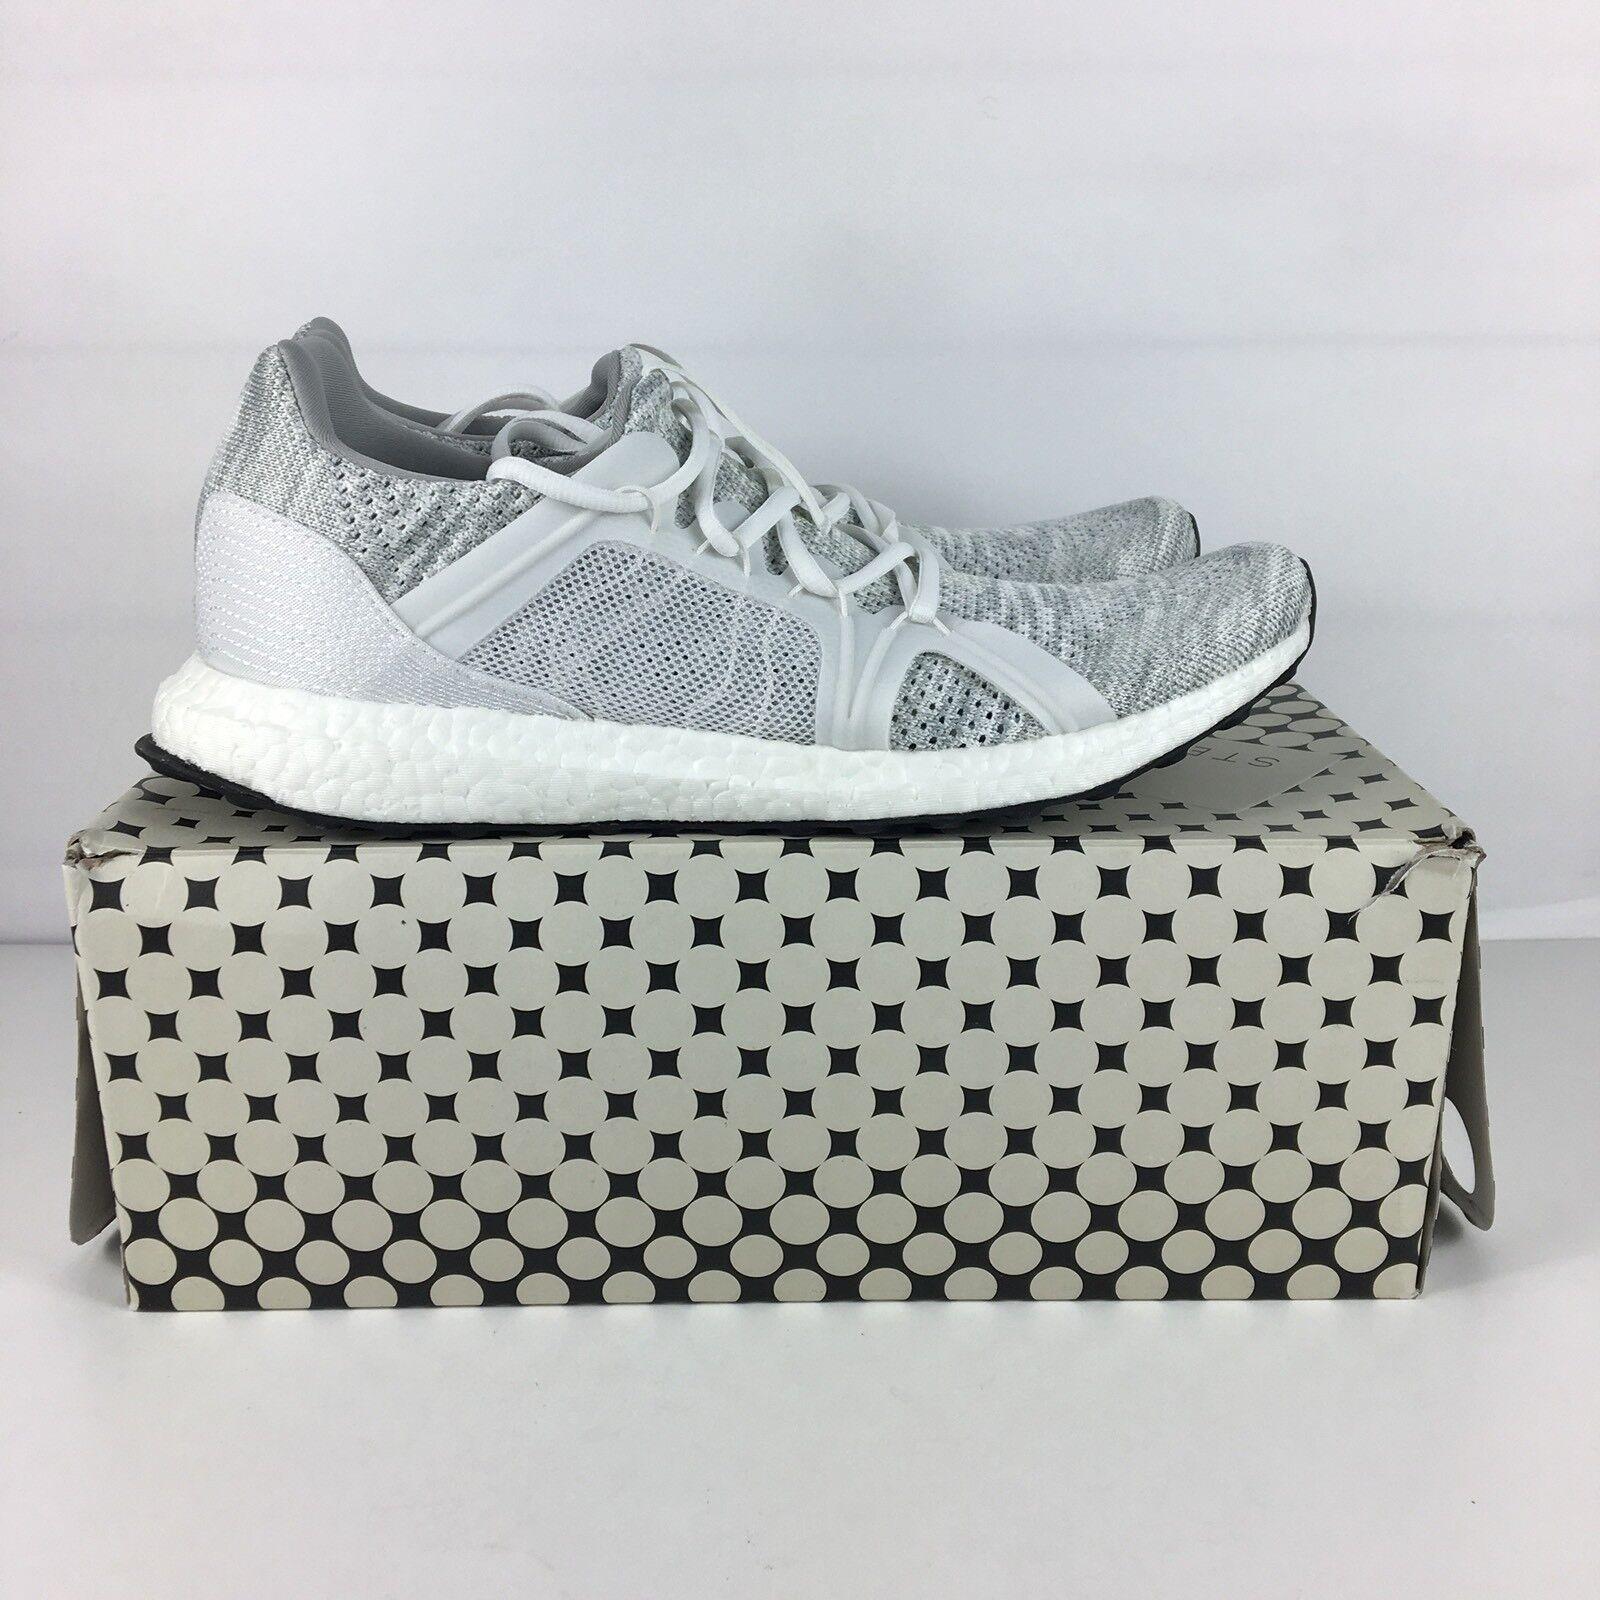 Adidas Stella McCartney Ultra Boost Parley Sneakers Sneakers